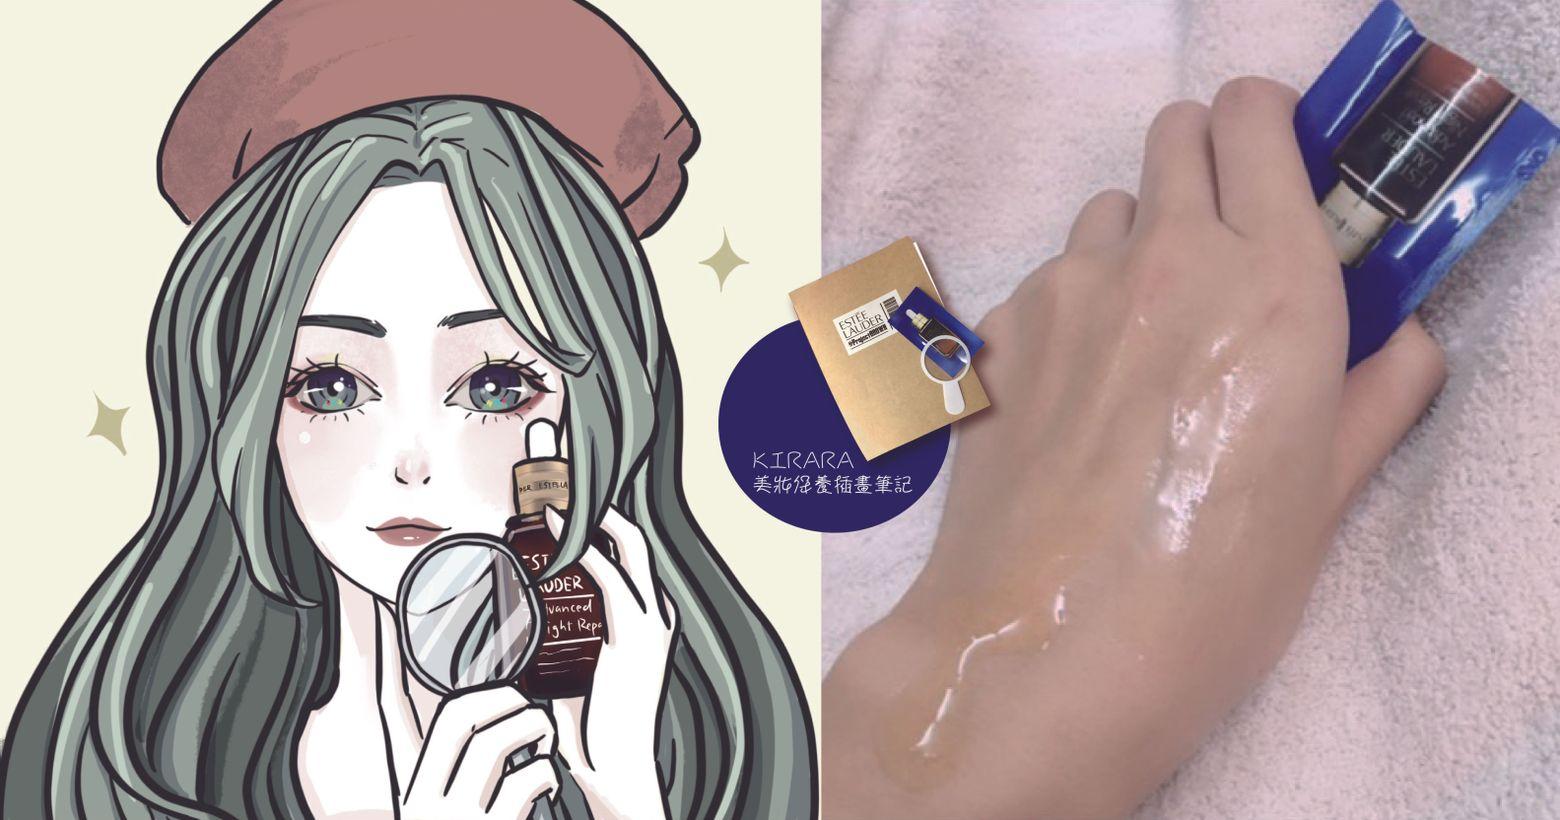 【冬季聖品】小棕瓶3日有感!密肌研究冬天易乾燥、脫皮的朋友有福了🙋&nbs